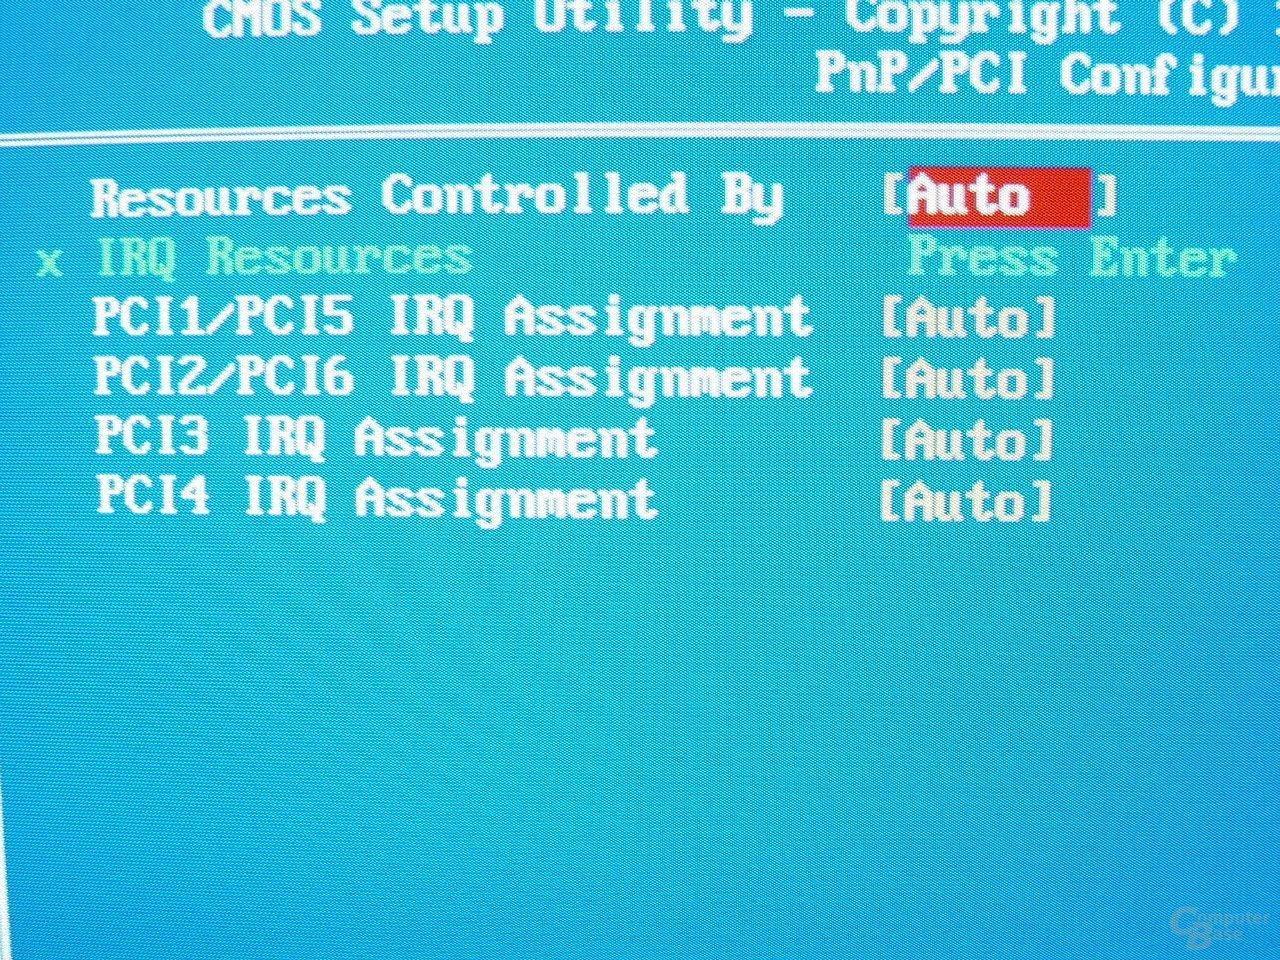 GA-8PE667 Ultra 2 - BIOS - IRQ